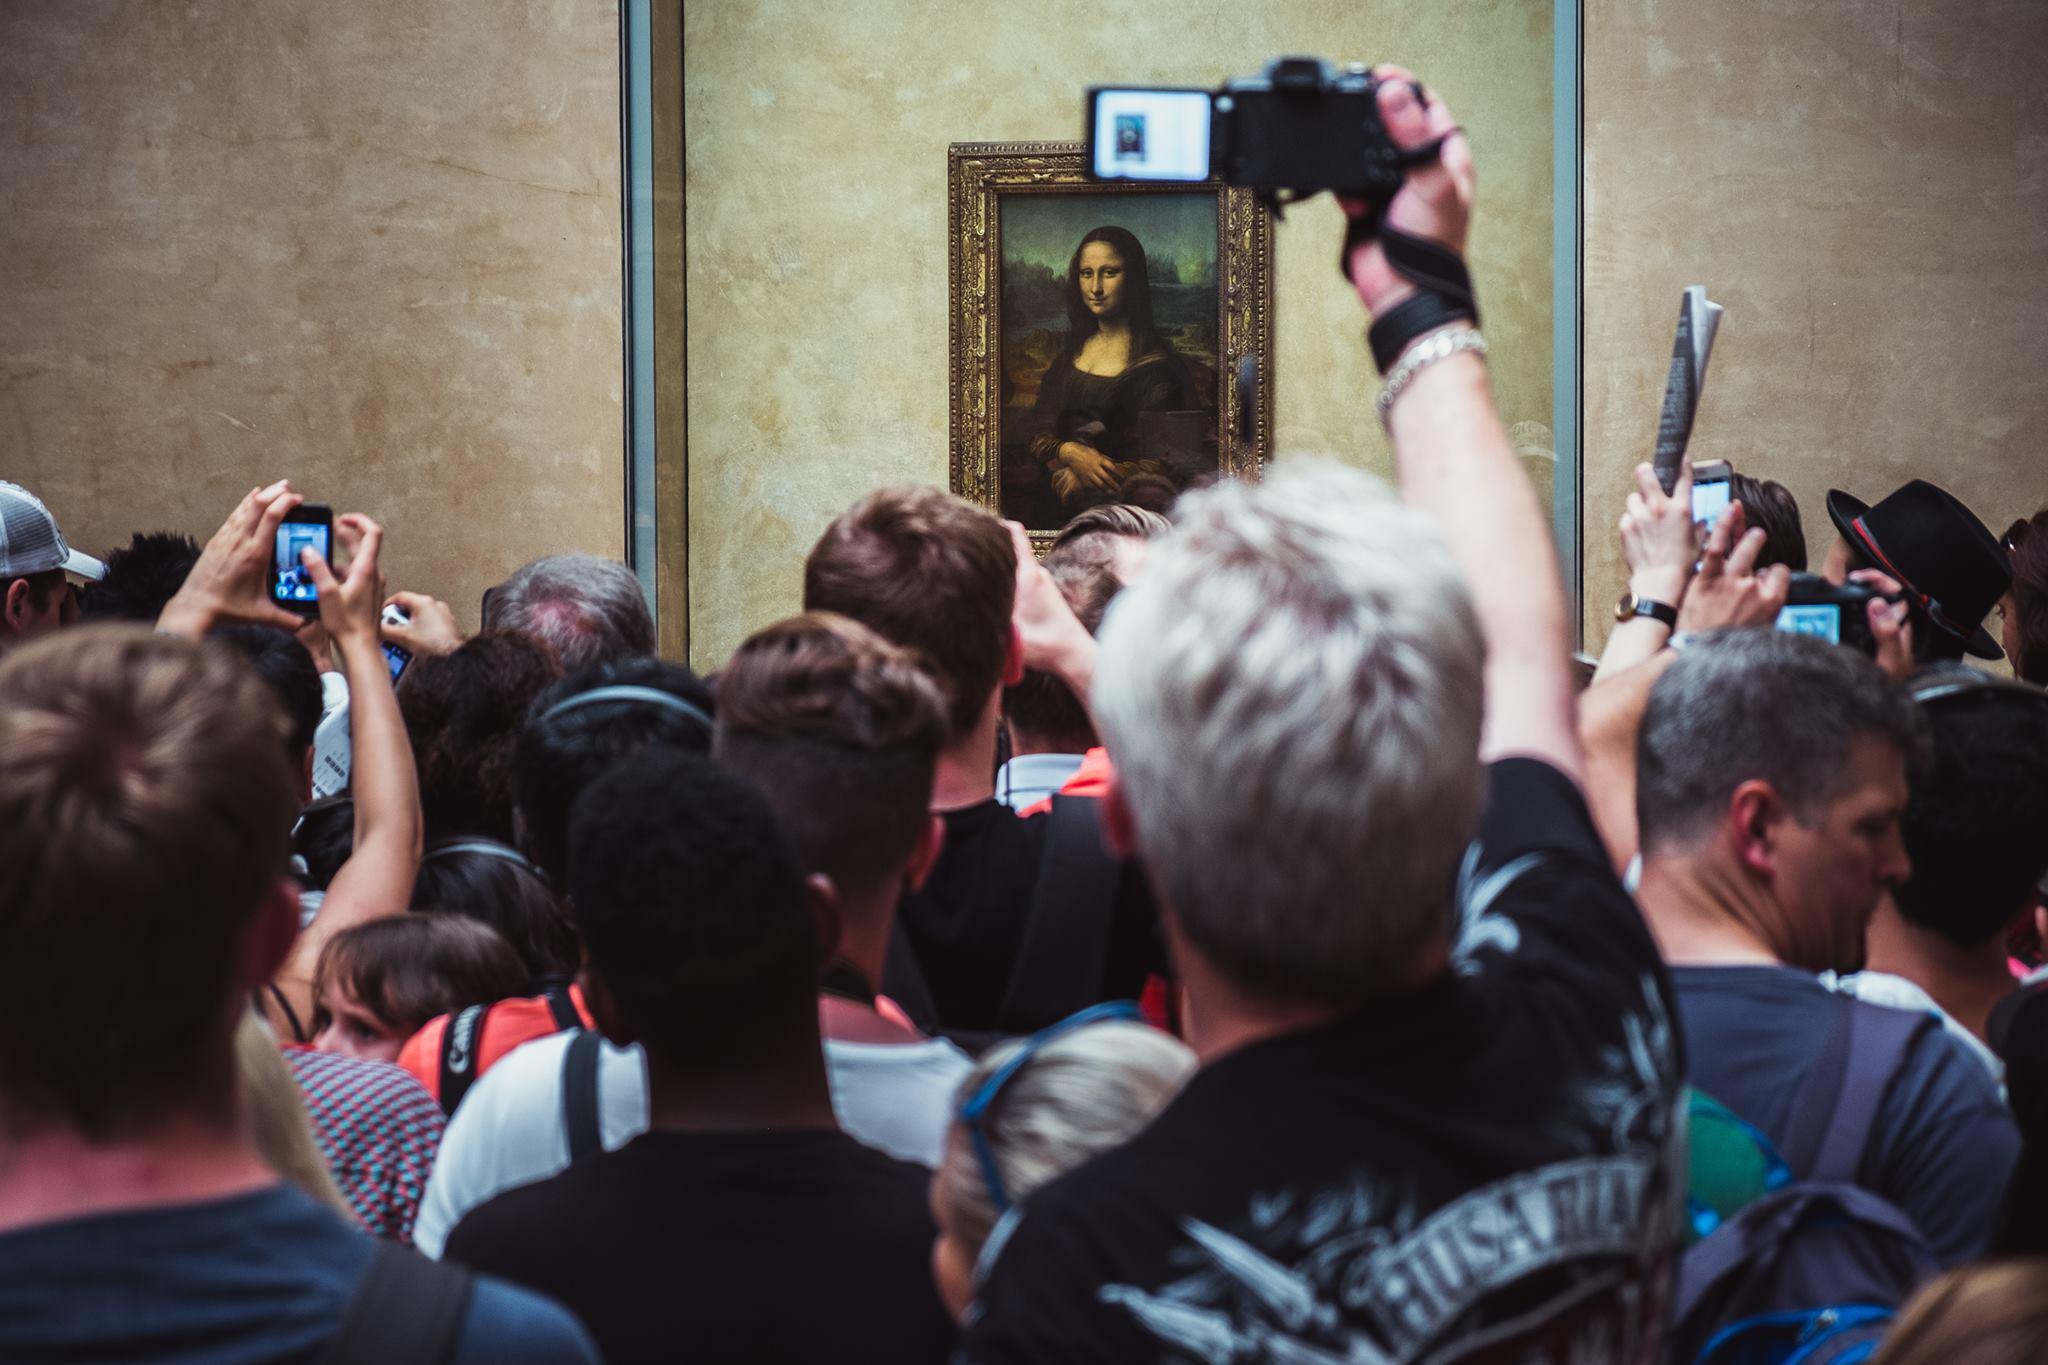 Mapa Luwru z perspektywy Instagrama. Zgadnij ,gdzie jest Mona Lisa